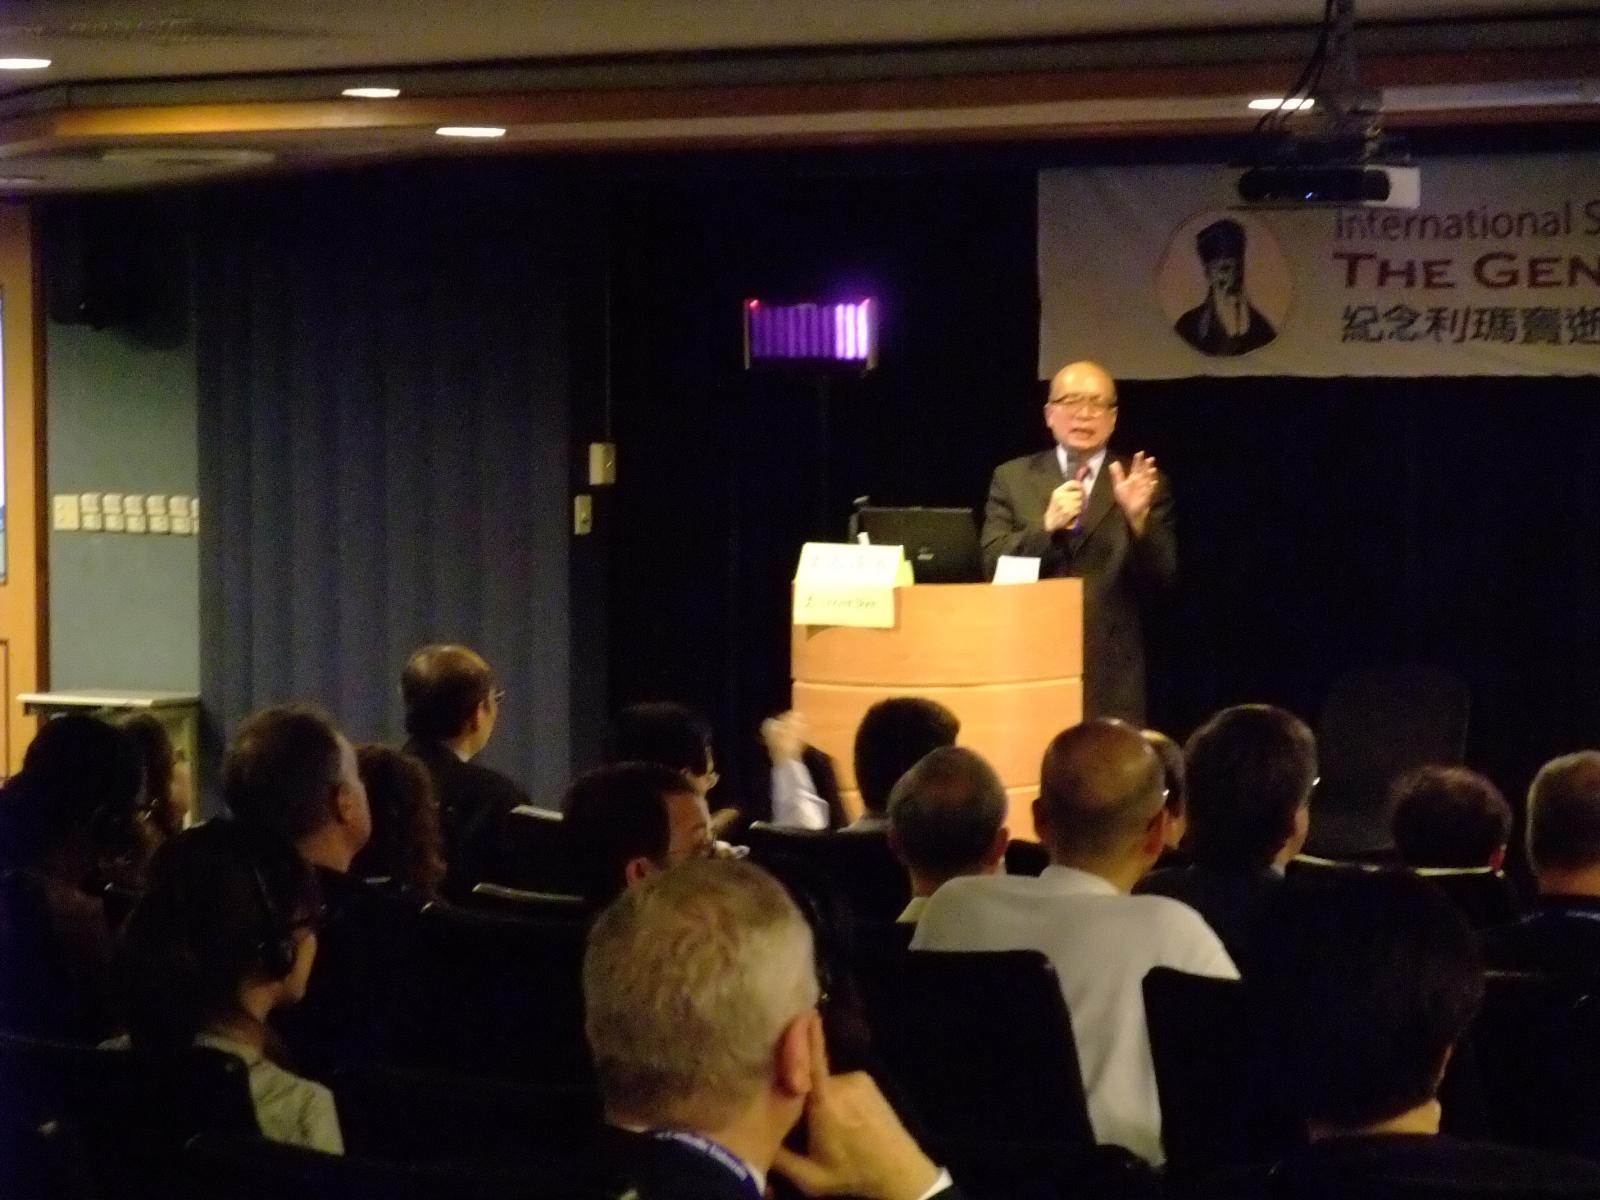 201004紀念利瑪竇逝世四百週年國際學術研討會-19